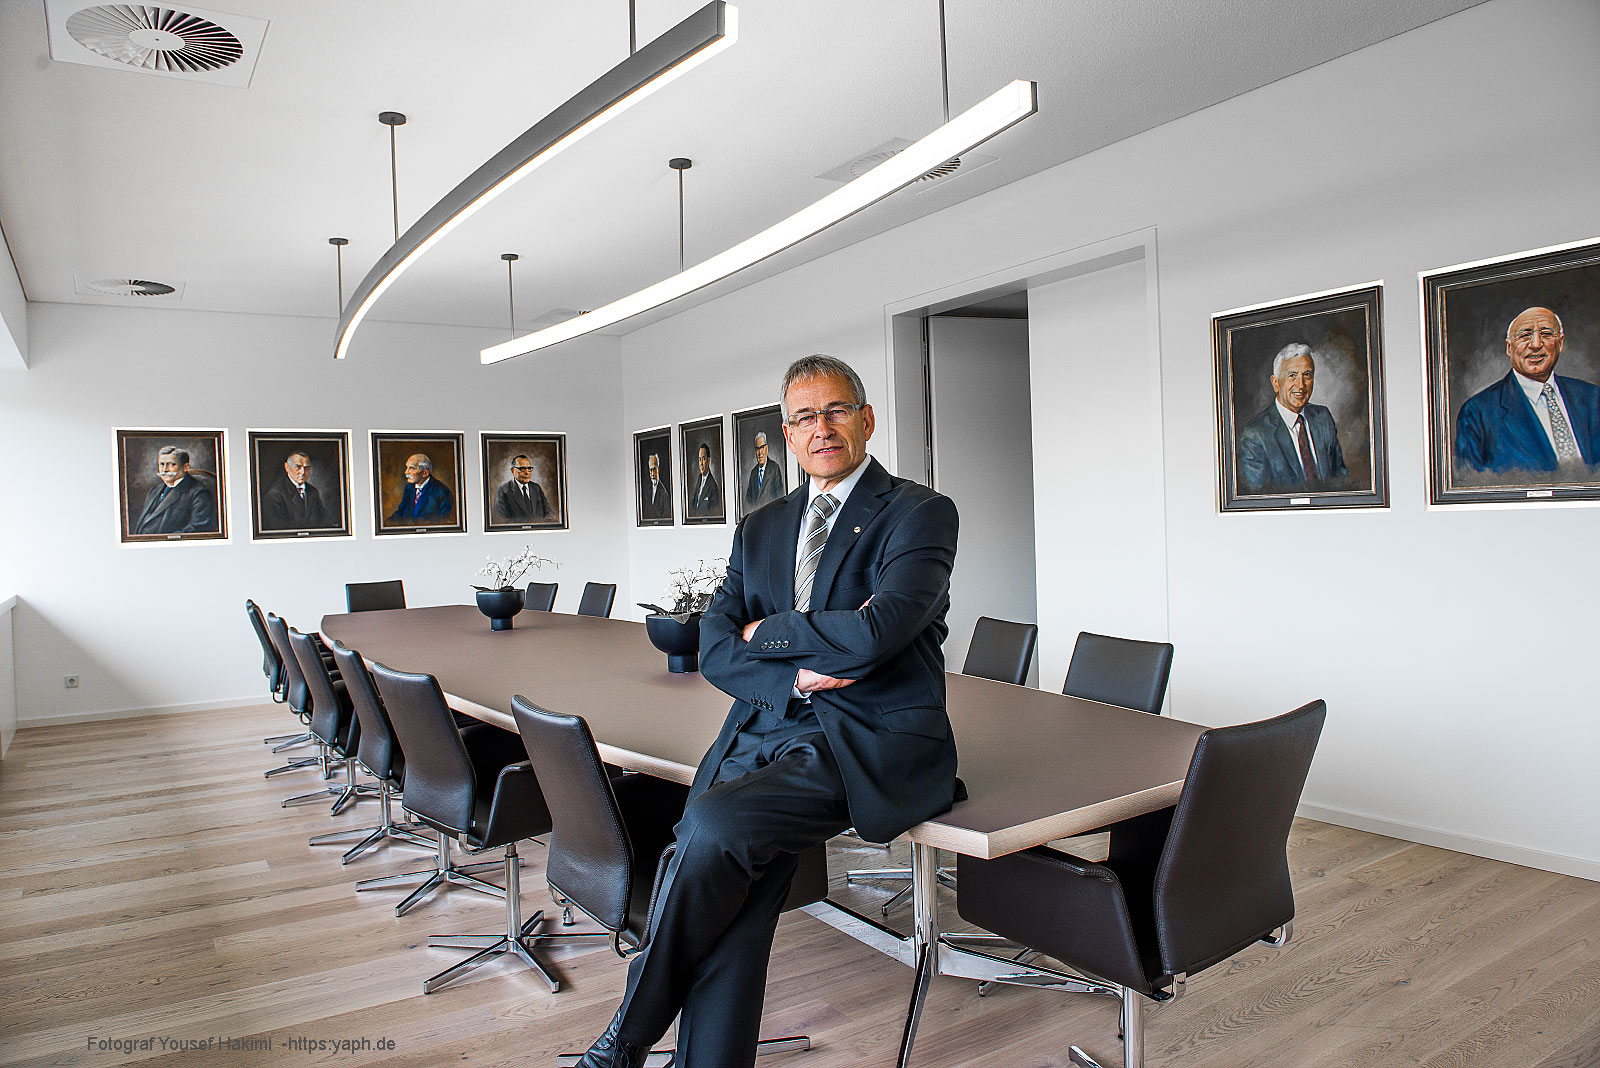 Rudi Müller Präsident der Handwerkskammer Trier, Businessfotografie und Editorial photography